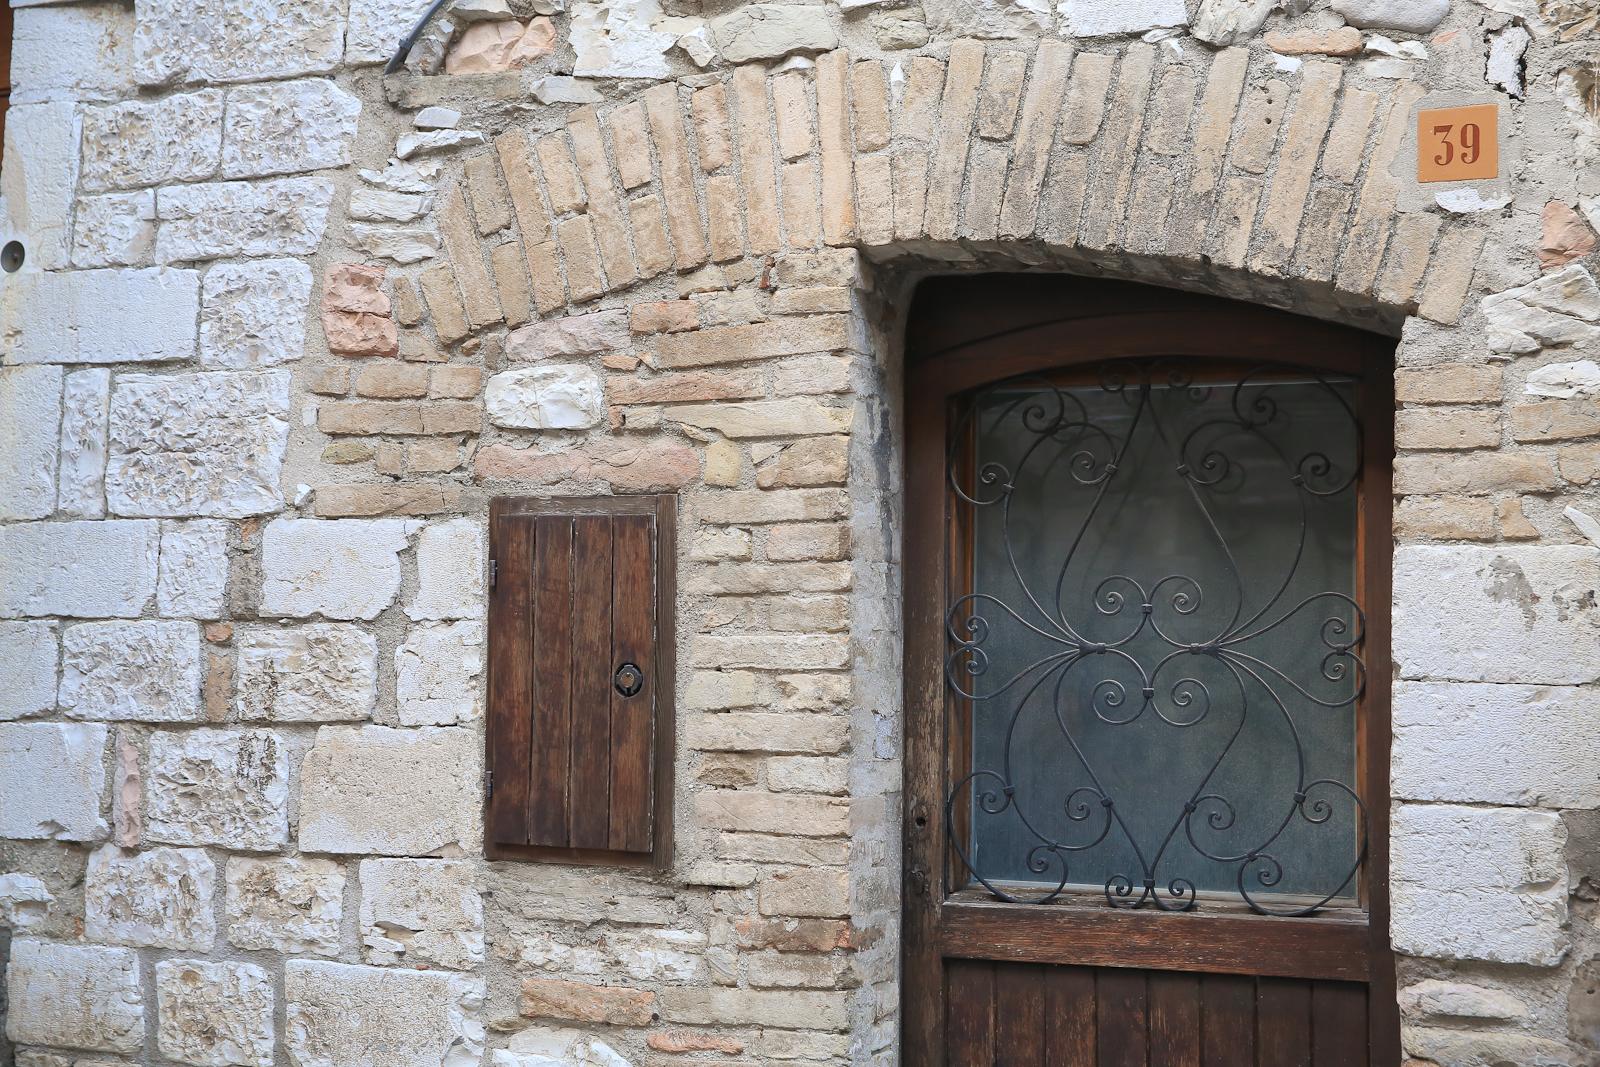 Assisi fb-1997